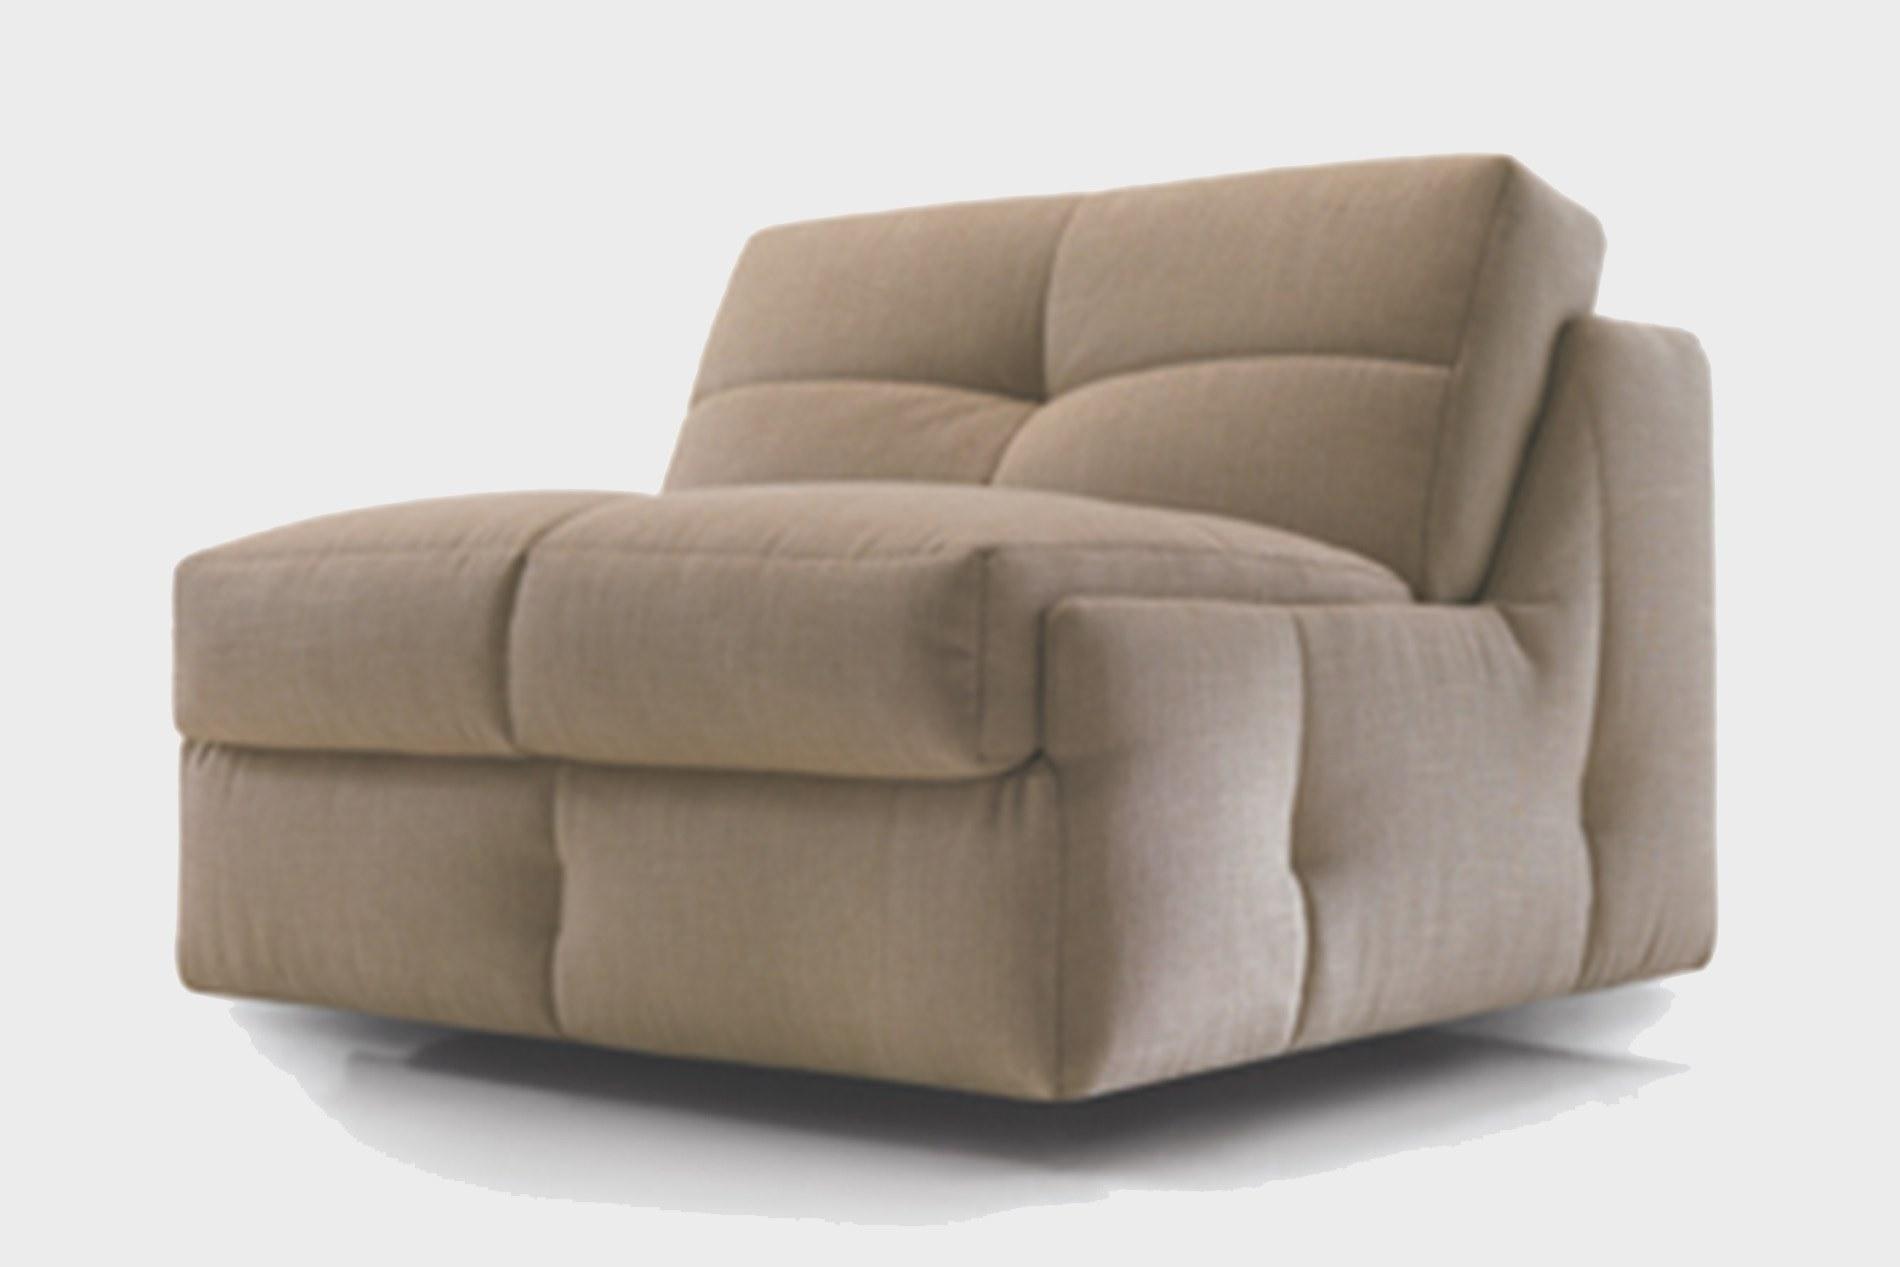 schlafsessel piuma von pol74 schlafen wie im bett. Black Bedroom Furniture Sets. Home Design Ideas